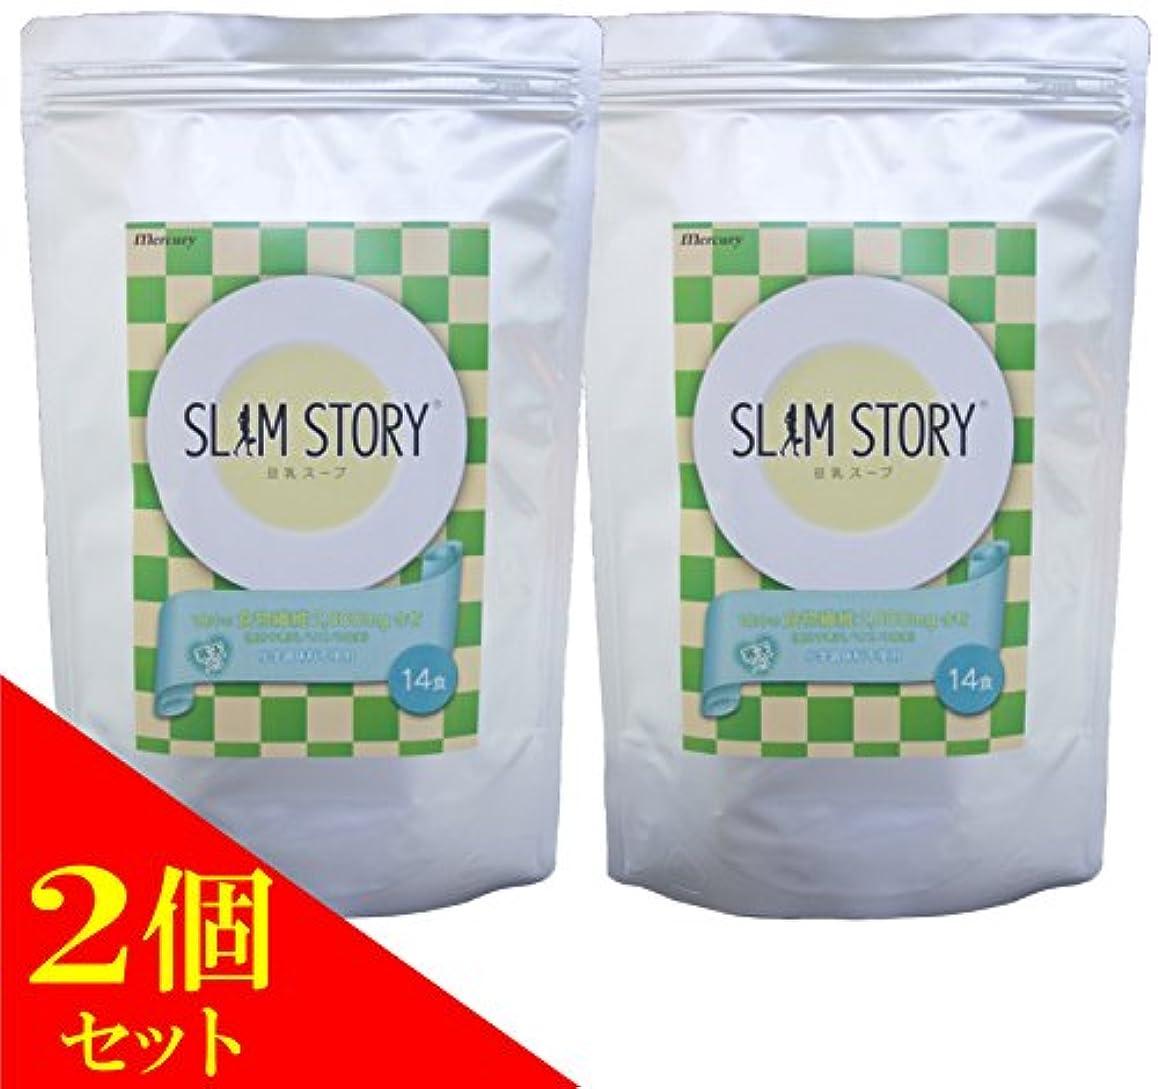 尊敬する力憲法(2個)マーキュリー SLIM STORY 豆乳スープ 14食×2個セット/化学調味料 不使用(4947041155176)